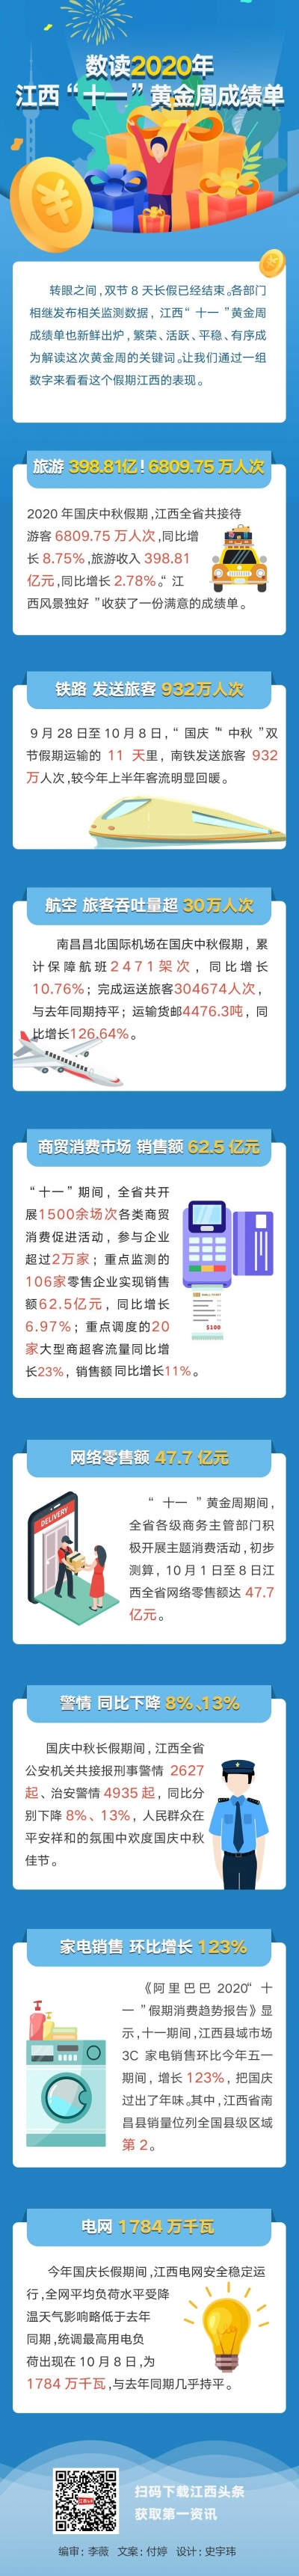 """图解丨数读2020年江西""""十一""""黄金周成绩单"""